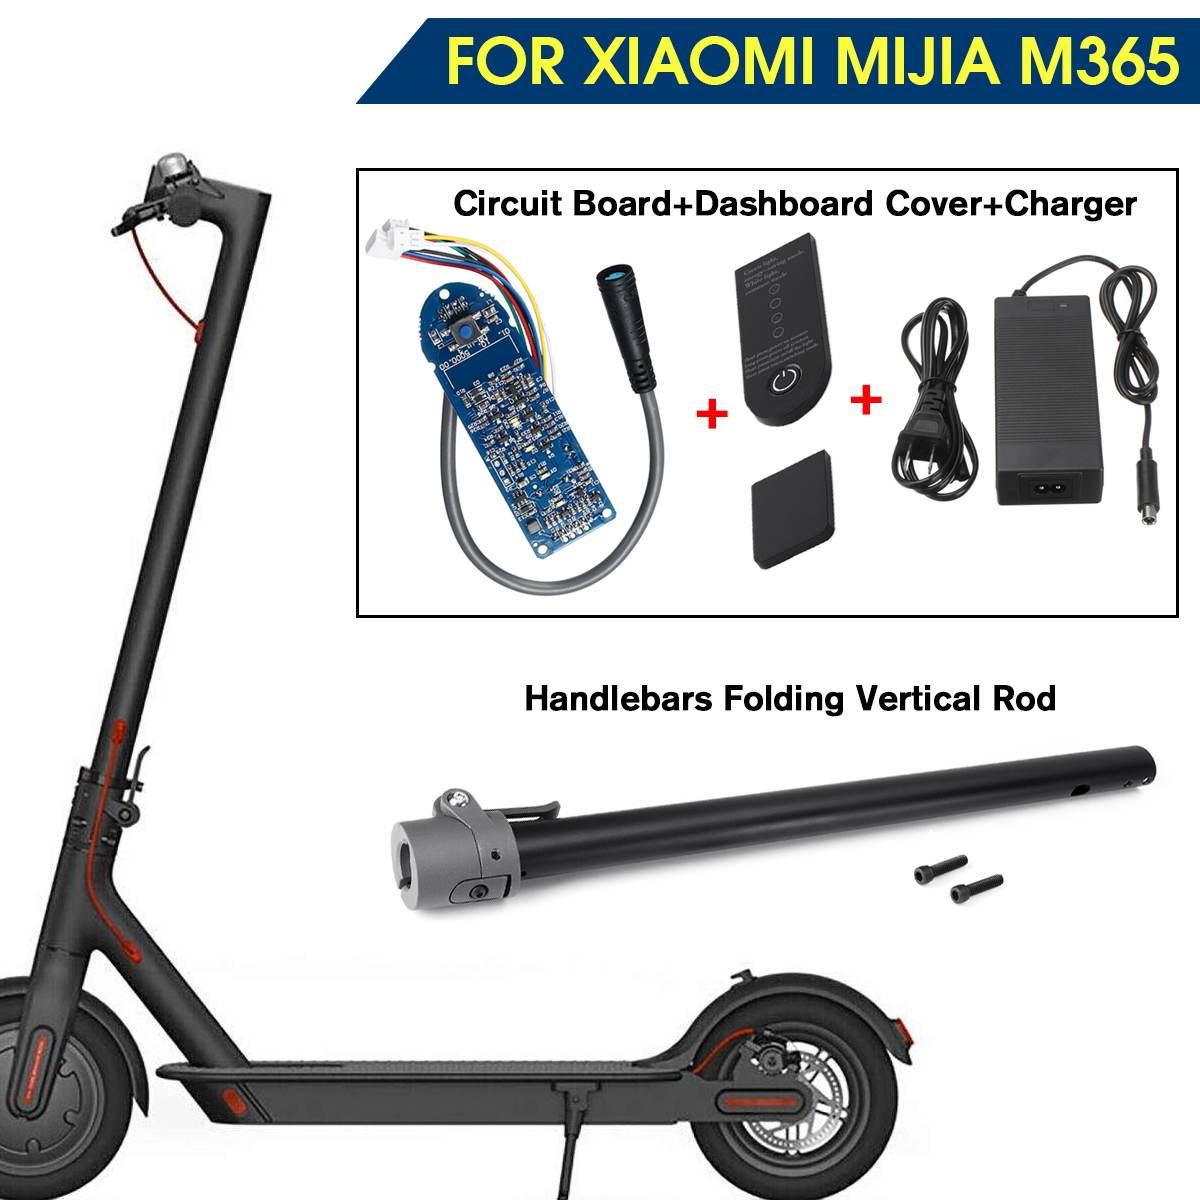 Pour XIAOMI MIJIA M365 Scooter guidon de tuyau de chargement d'origine pliant Vertical pièces de tige accessoires Scooter Skateboard Circuit